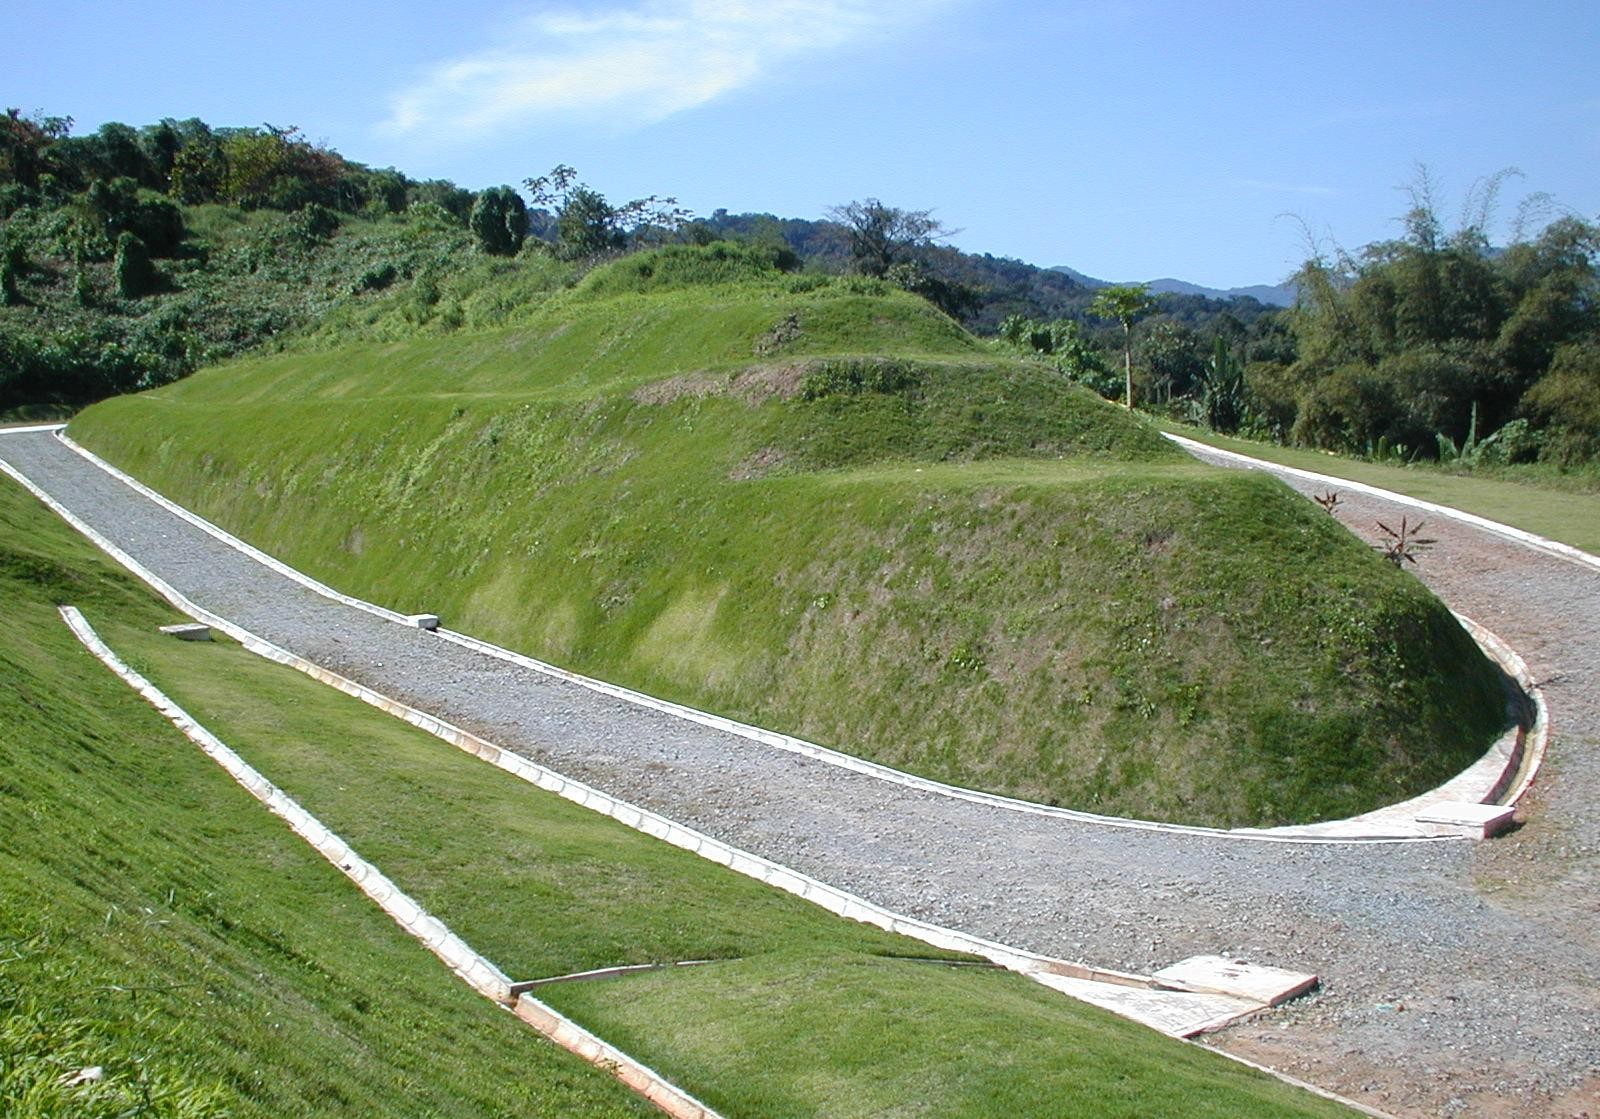 Bild Sao Sebastiao Abschluss 1.JPG